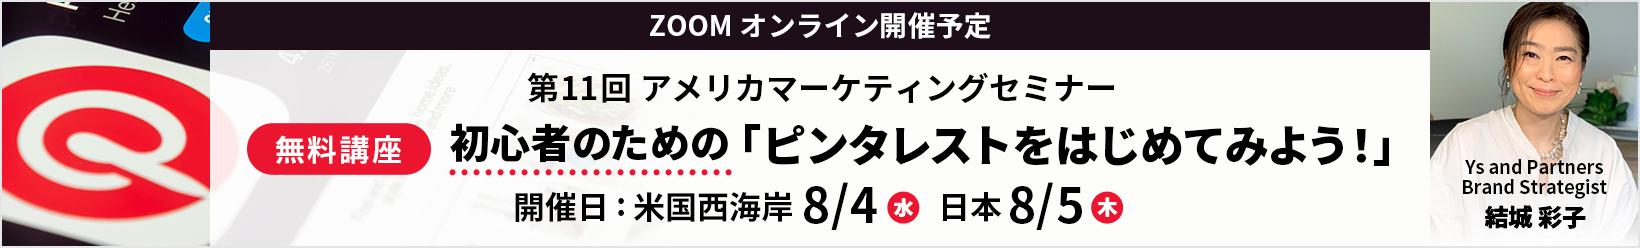 ZOOM オンライン開催予定 | 第11回 アメリカマーケティングセミナー | 無料講座 | 初心者のための「ピンタレストをはじめてみよう!」 | 開催日 :米国西海岸 8/4・日本 8/5